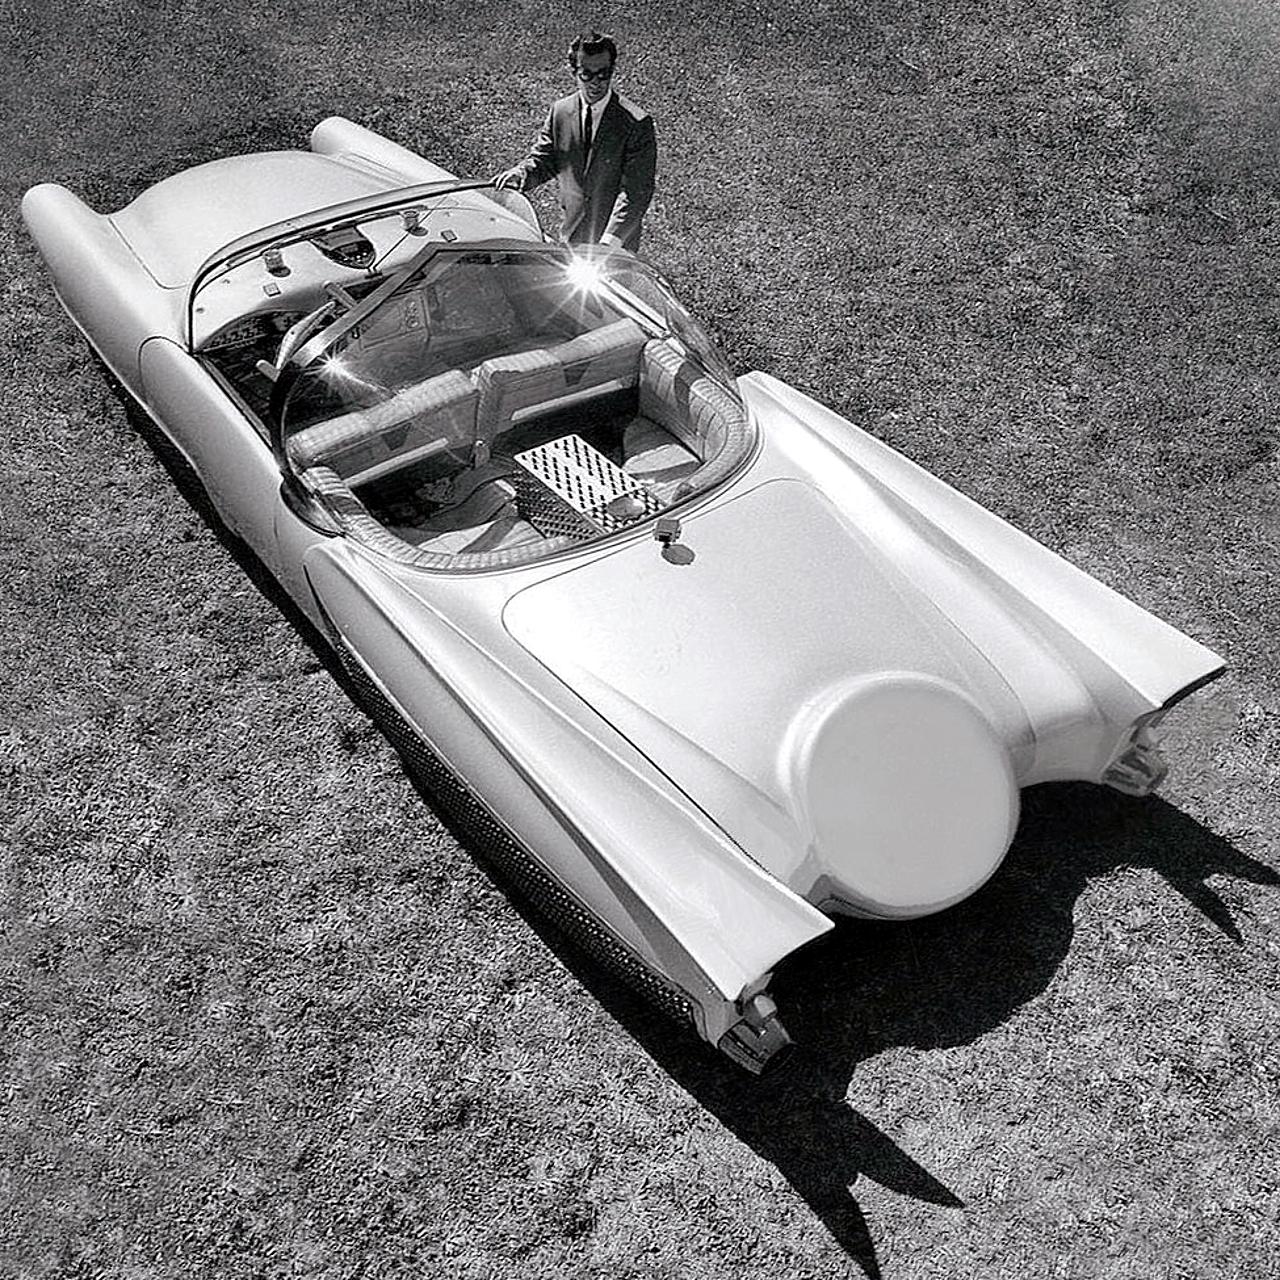 Golden Sahara I & II…première voiture autonome de l'histoire ! (+ vidéos) By gatsbyonline.com George-Barris-GoldenSaharaII-11